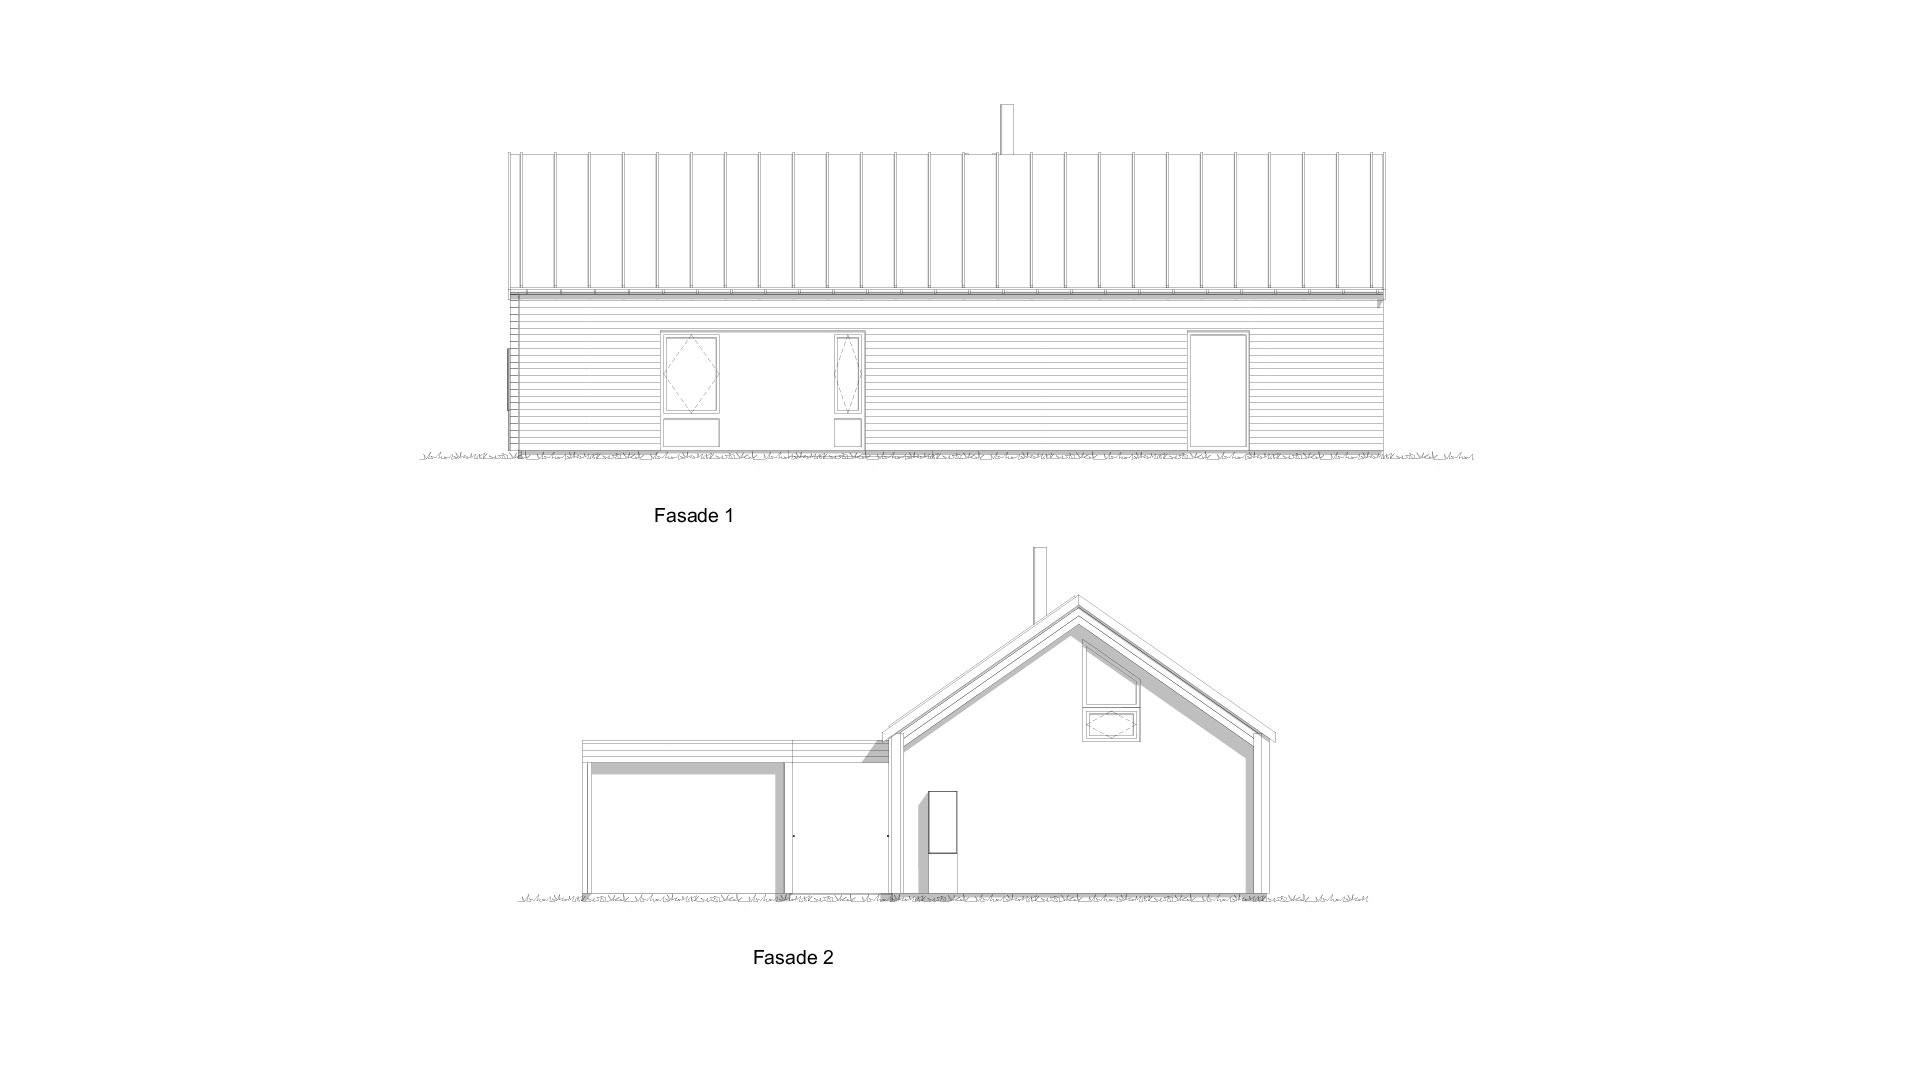 Knerten_Fasade1-2.jpg